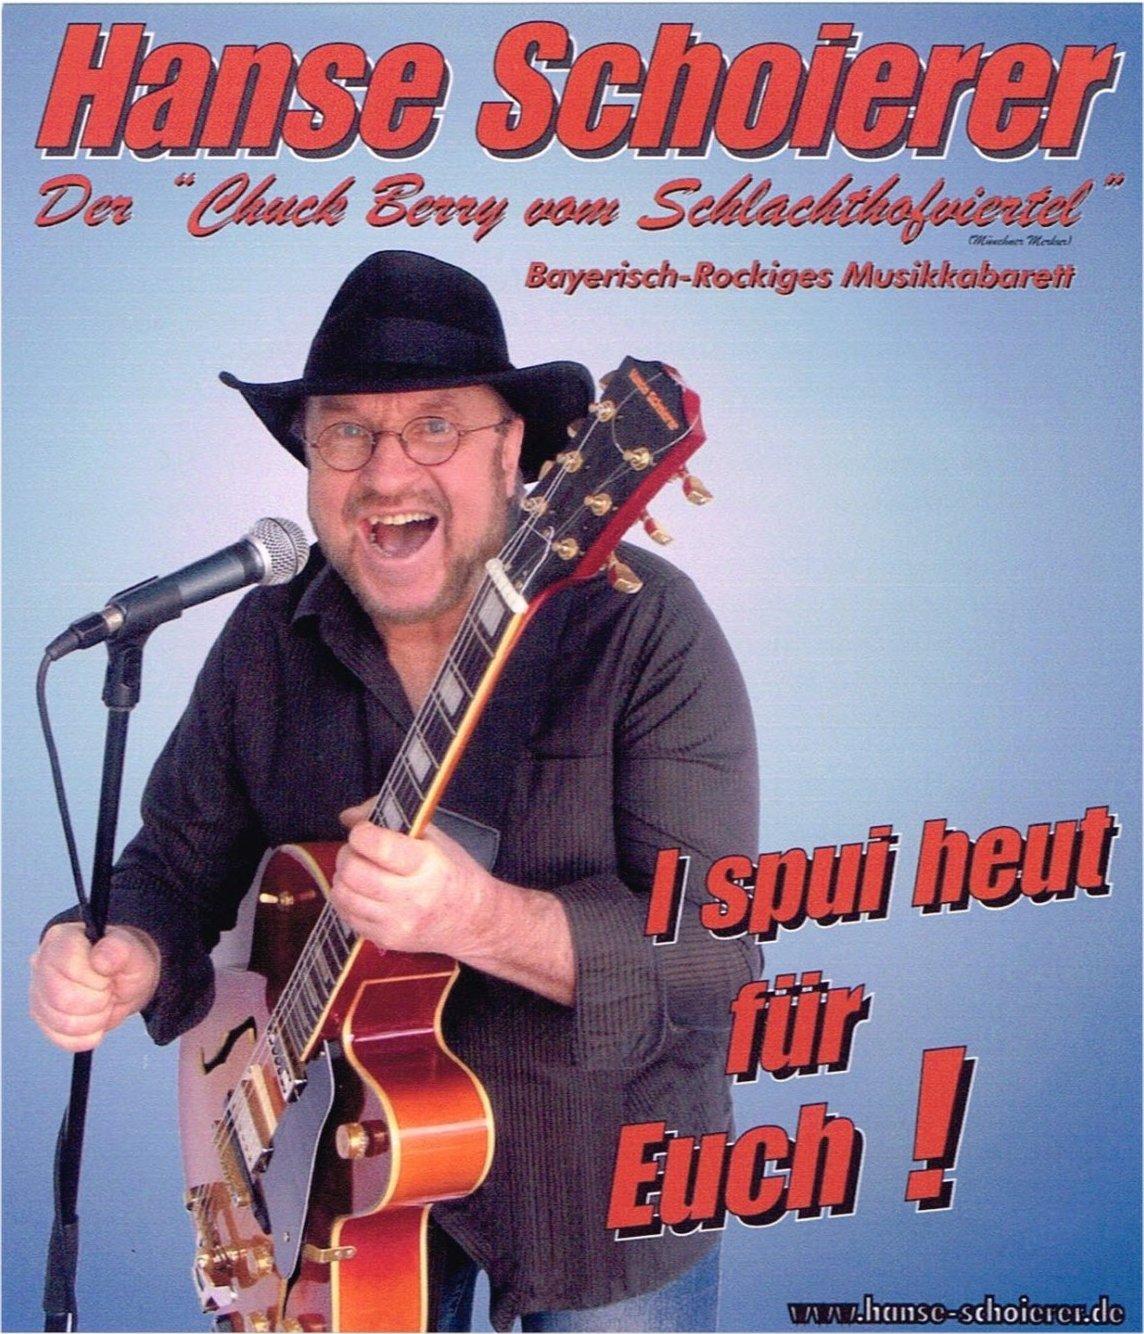 Hanse Schoierer